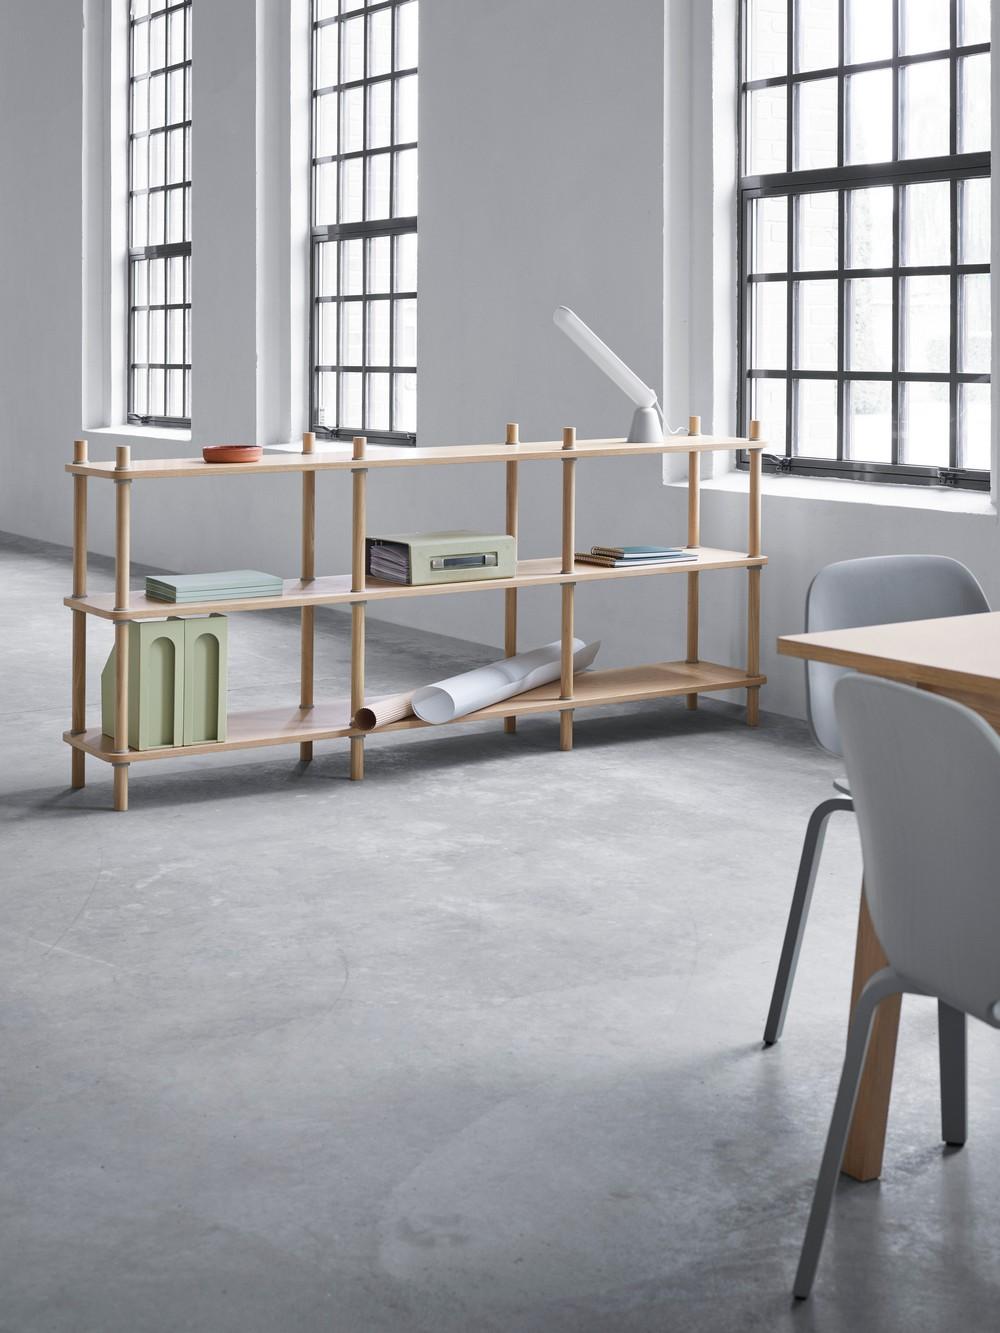 Norman Copenhagen Newest Bookcase Design Is Stunning!